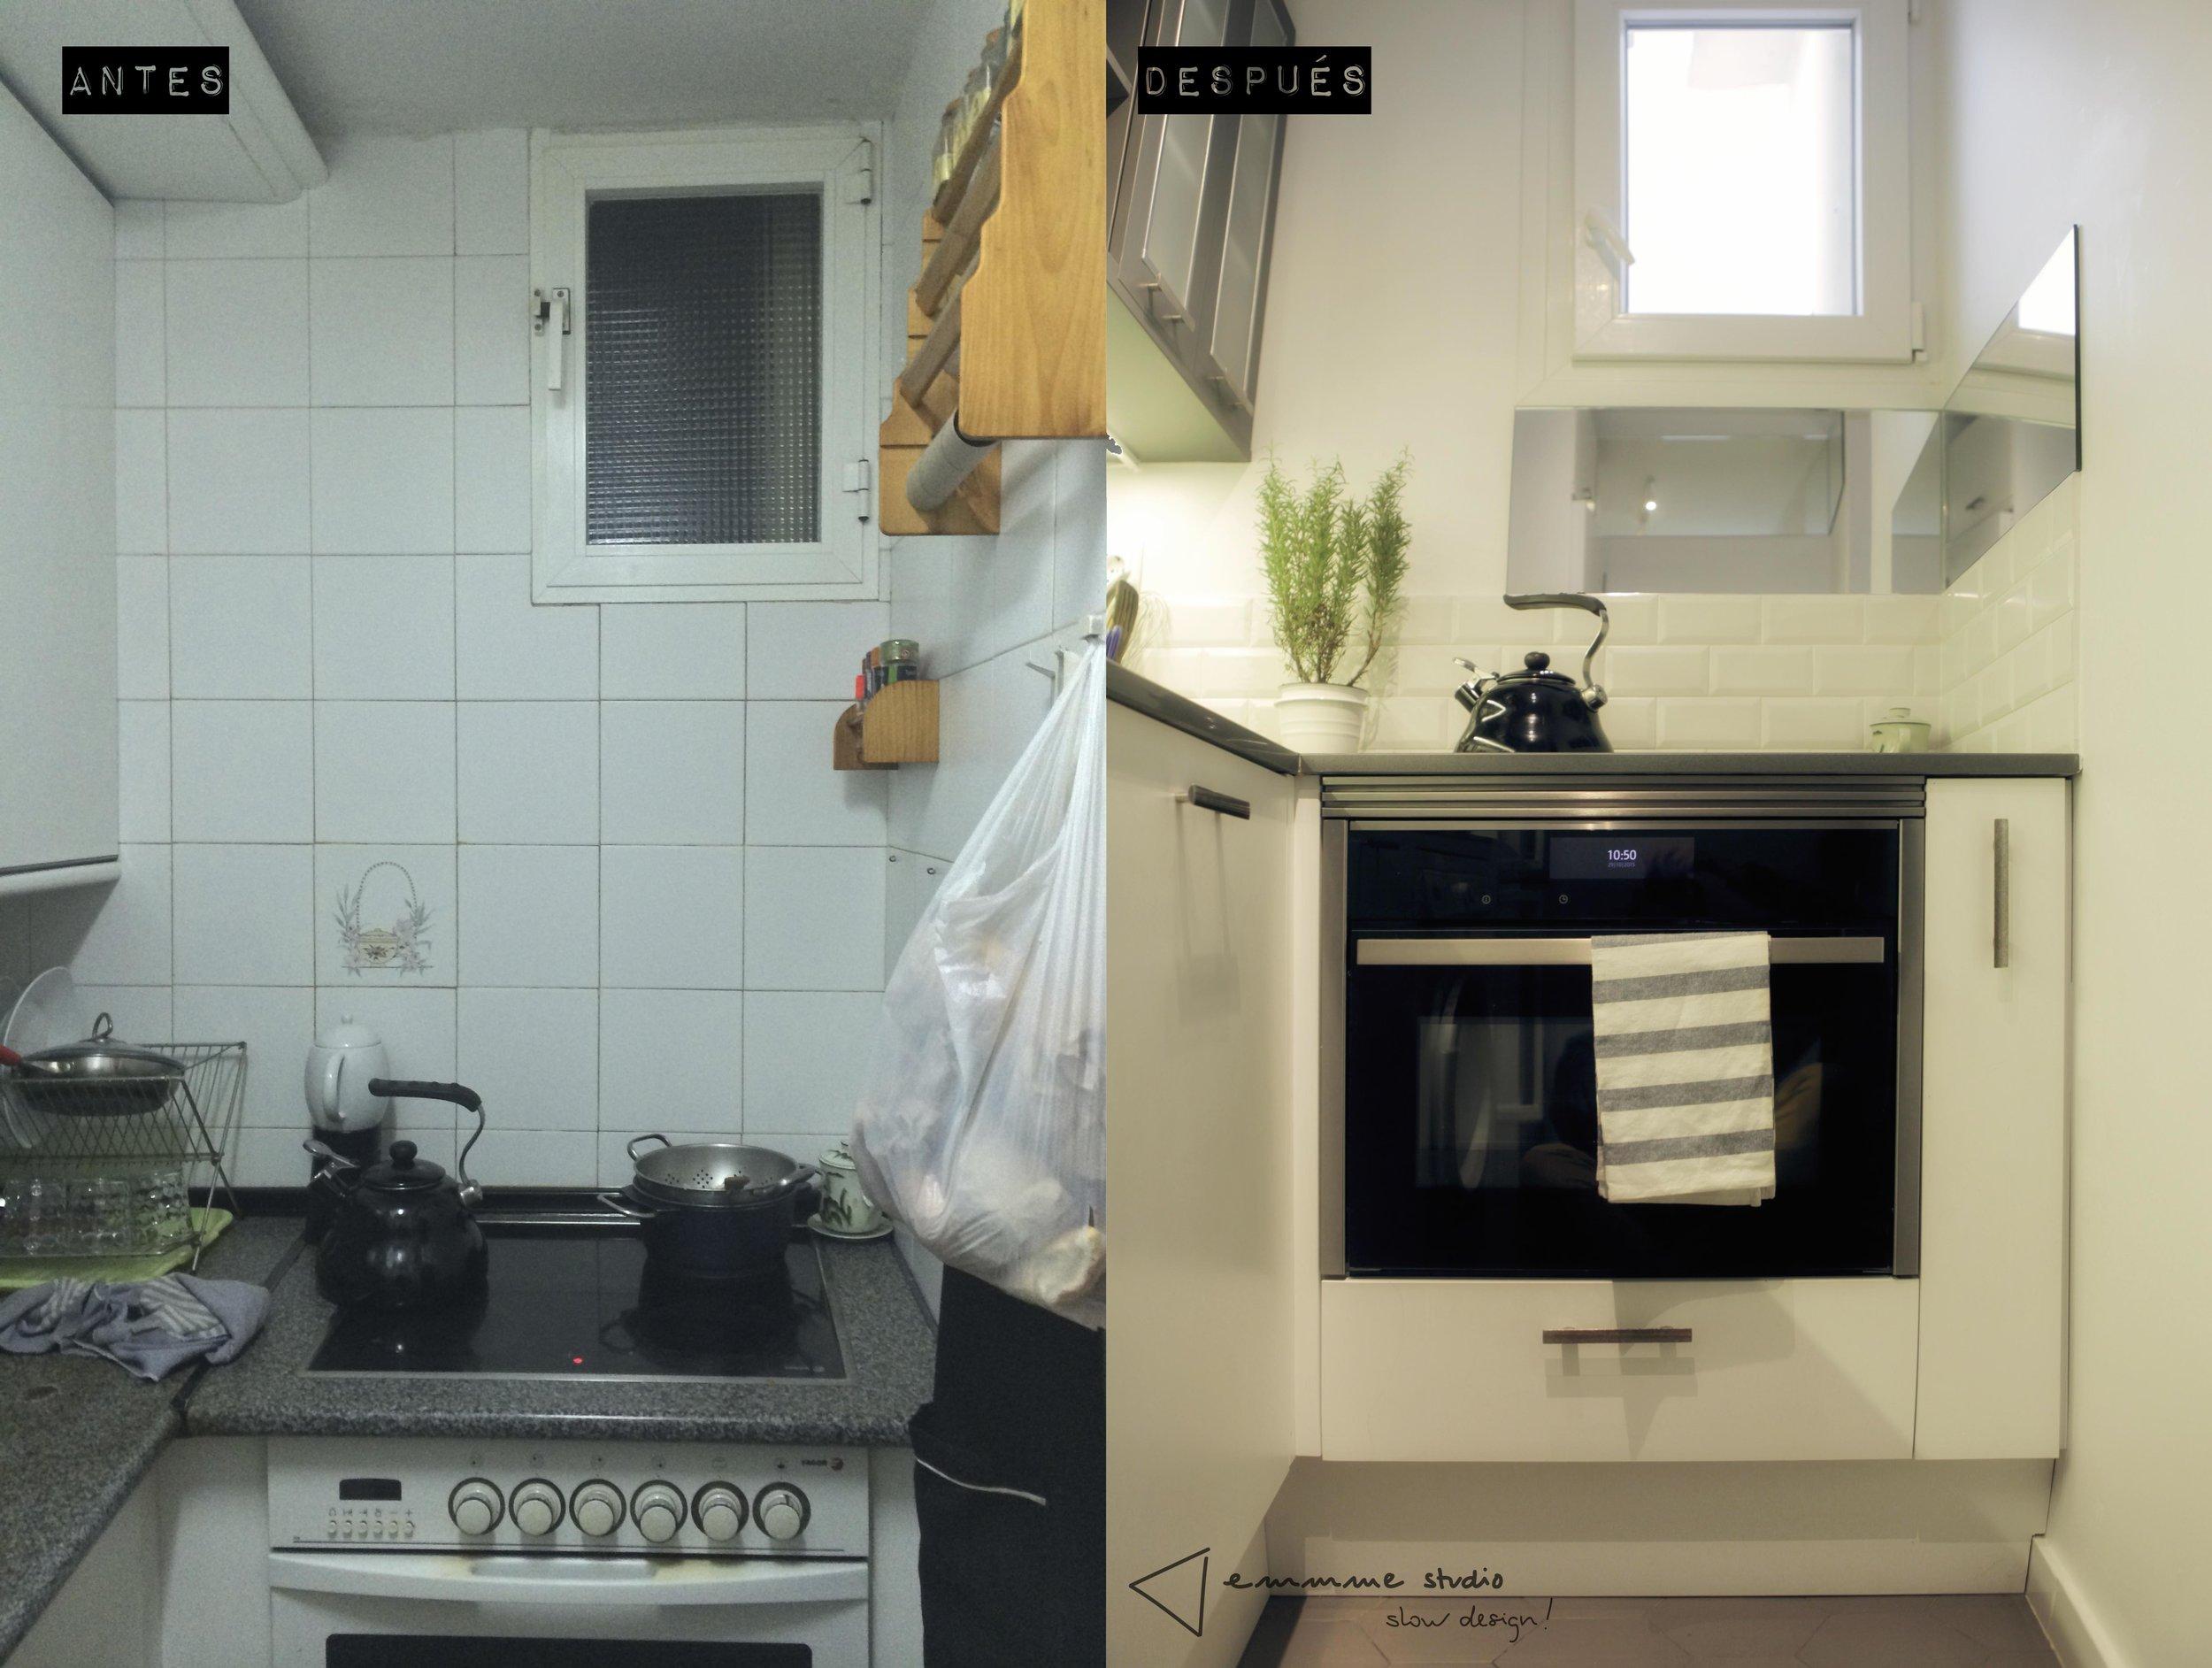 emmme studio diseño slow reforma cocina antesydespues 14.jpg